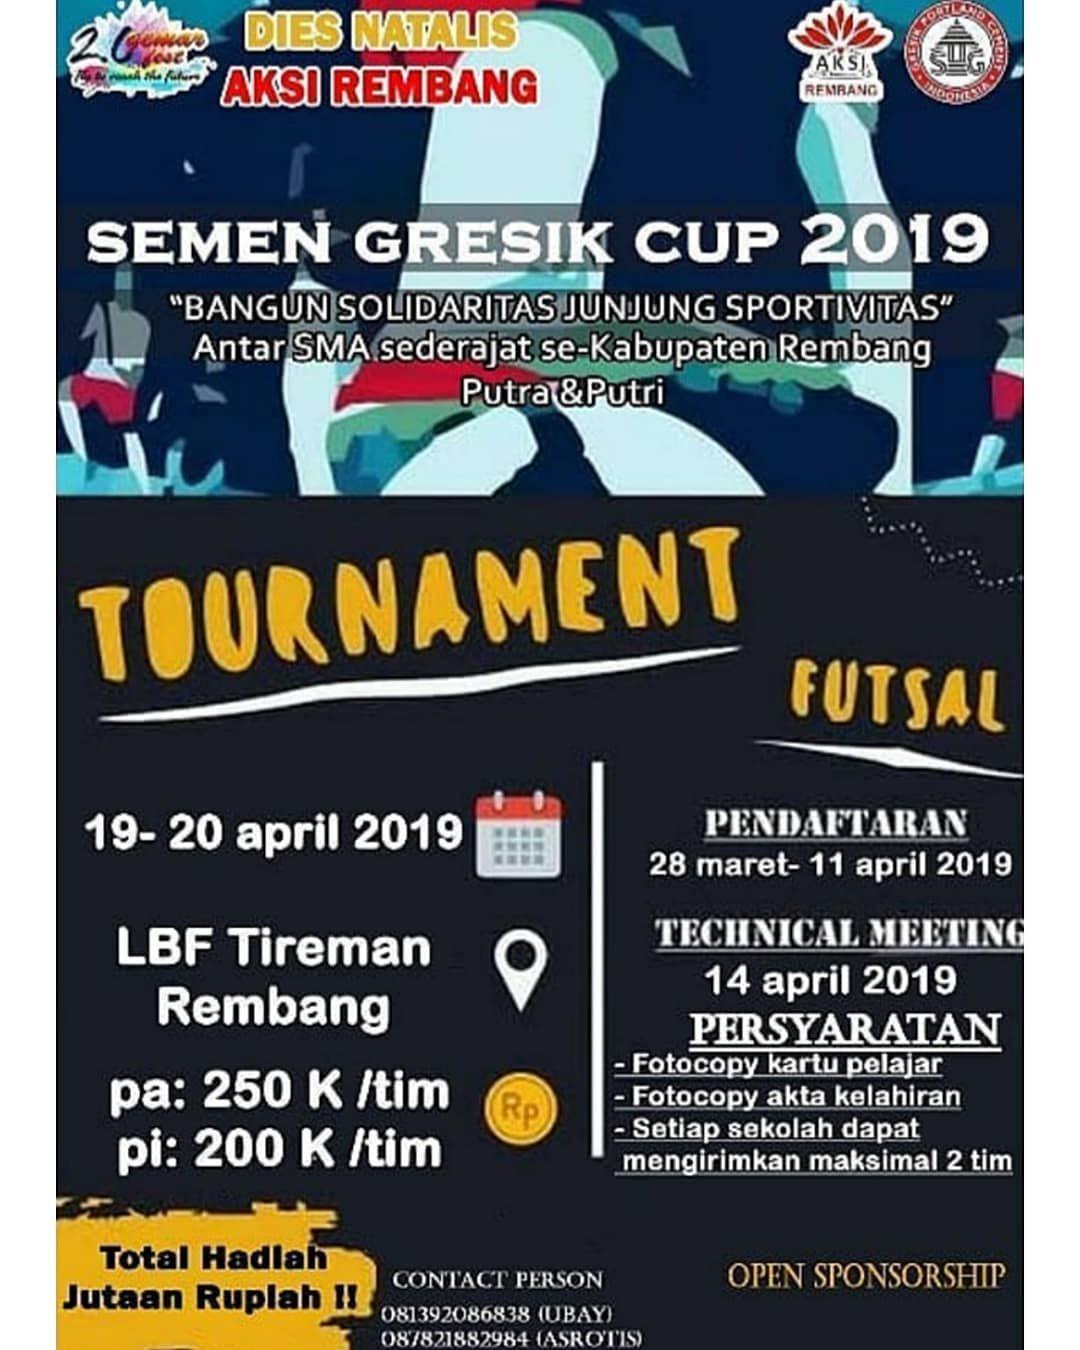 EVENT REMBANG - SEMEN GRESIK CUP 2019